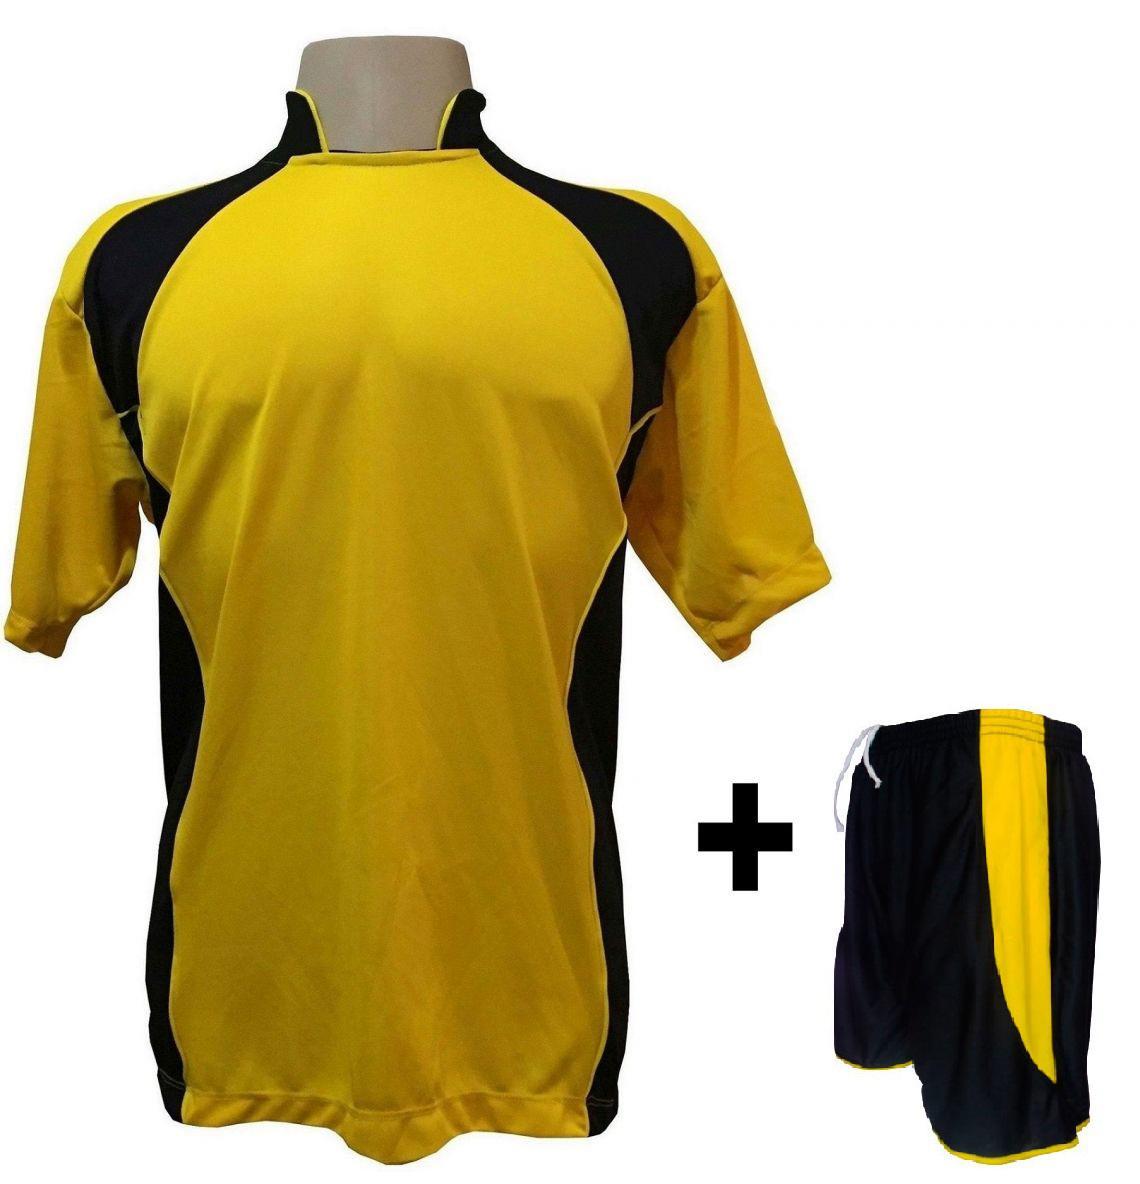 dcb68ba7bf Uniforme Esportivo com 14 camisas modelo Suécia Amarelo Preto + 14 calções  modelo Copa + 1 Goleiro + Brindes - Play fair - Futebol - Magazine Luiza